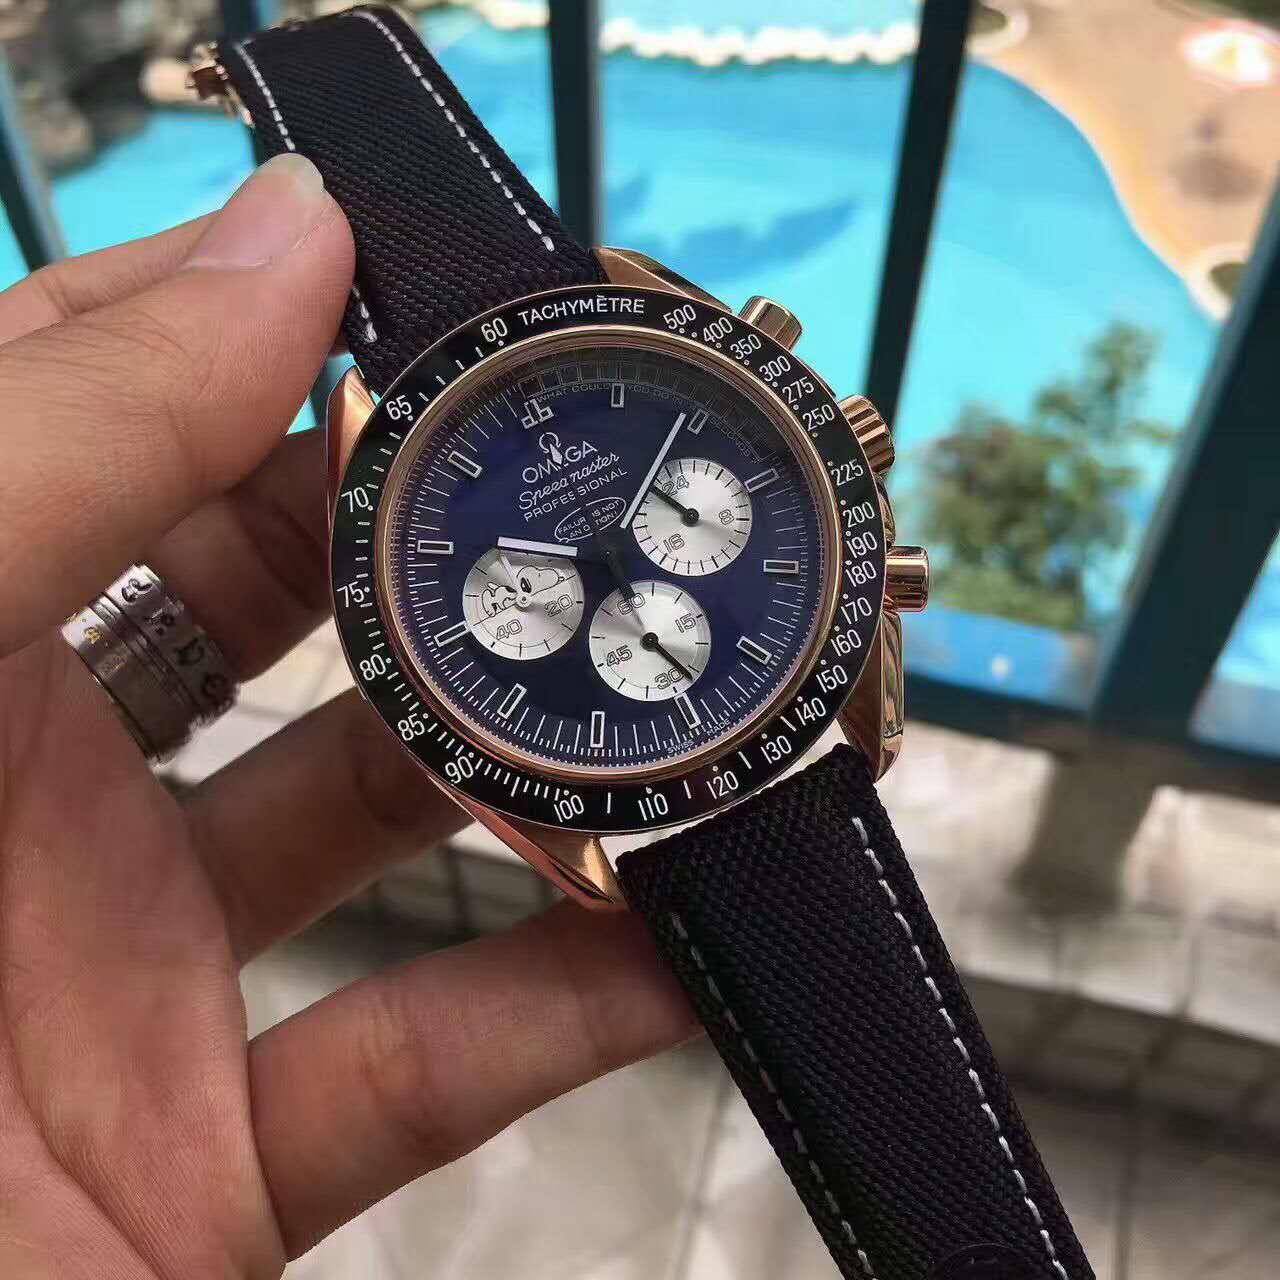 广东顶级复刻手表哪个厂最好,是那家